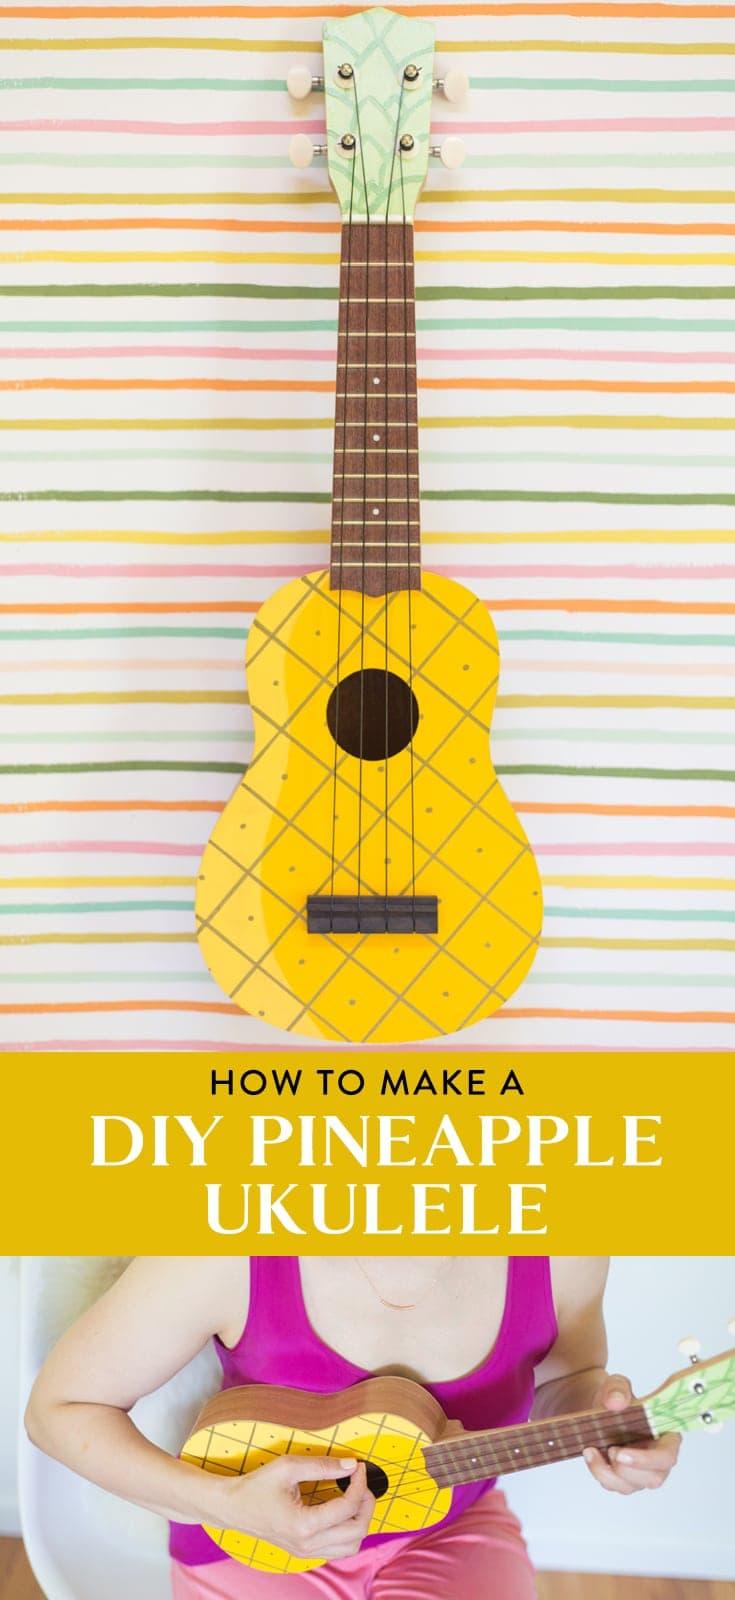 ananász ukulele